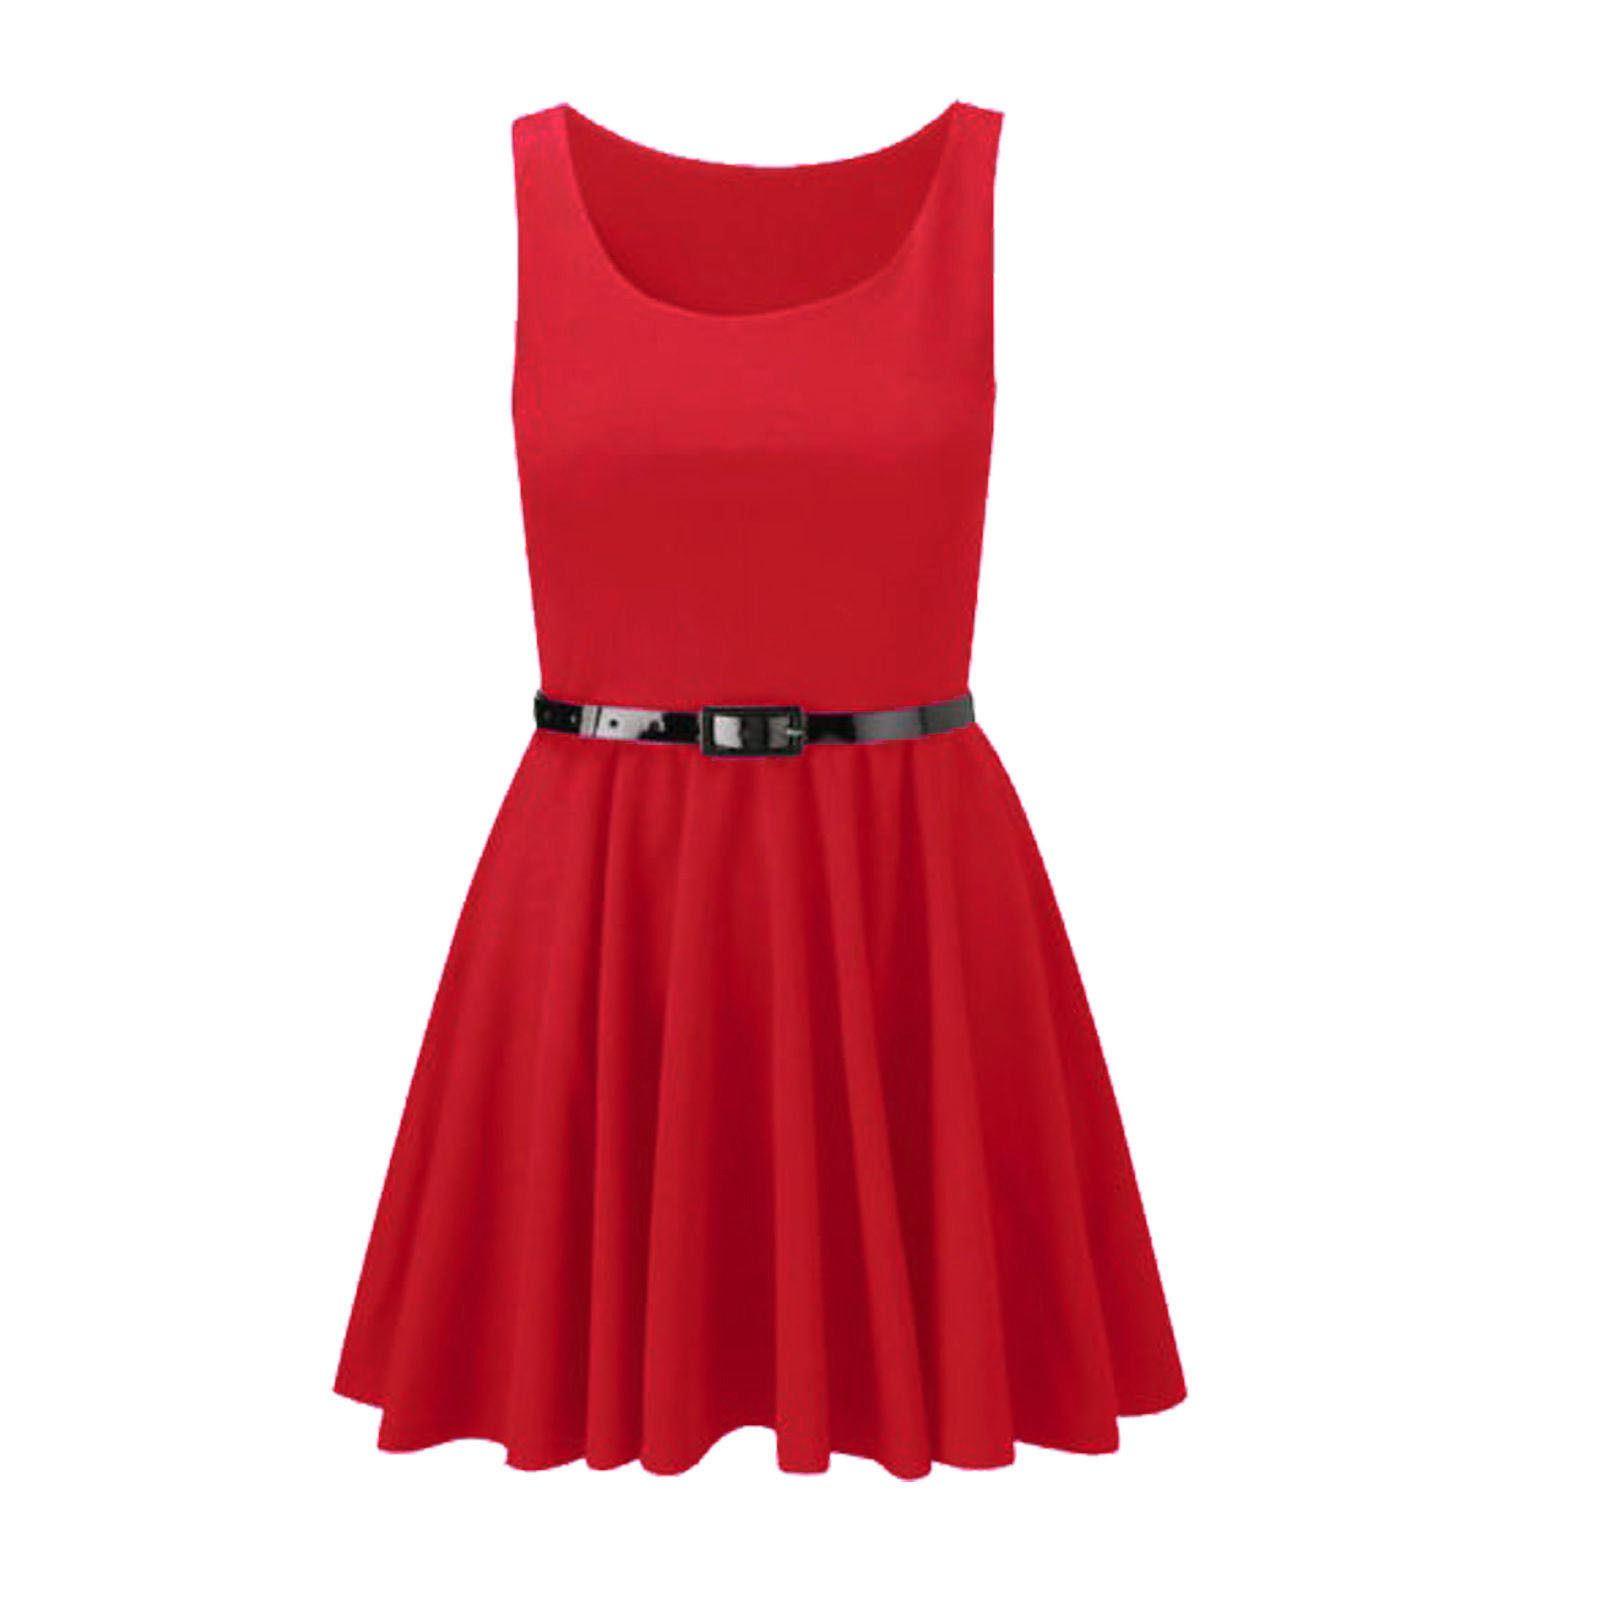 6ef21d693724 Ladies Skater Dresses Size 18